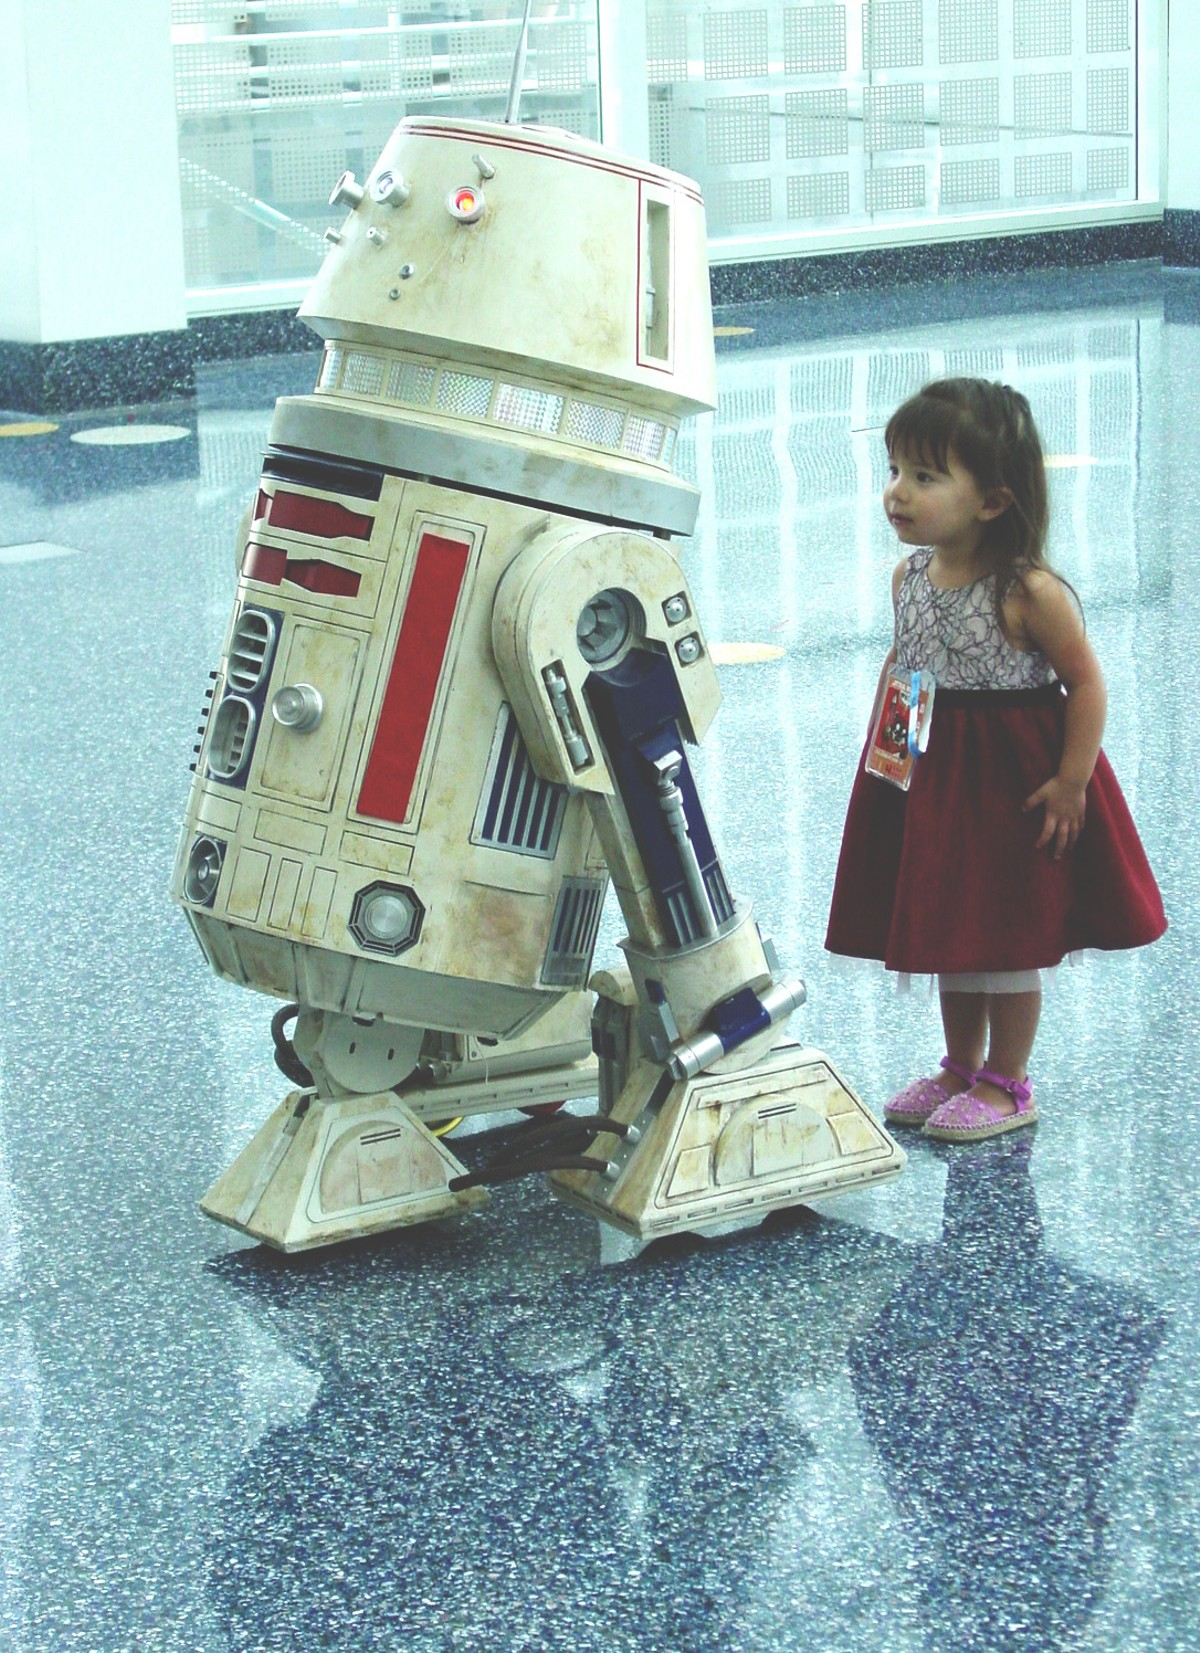 r5-d4_littlegirl_1_.jpg